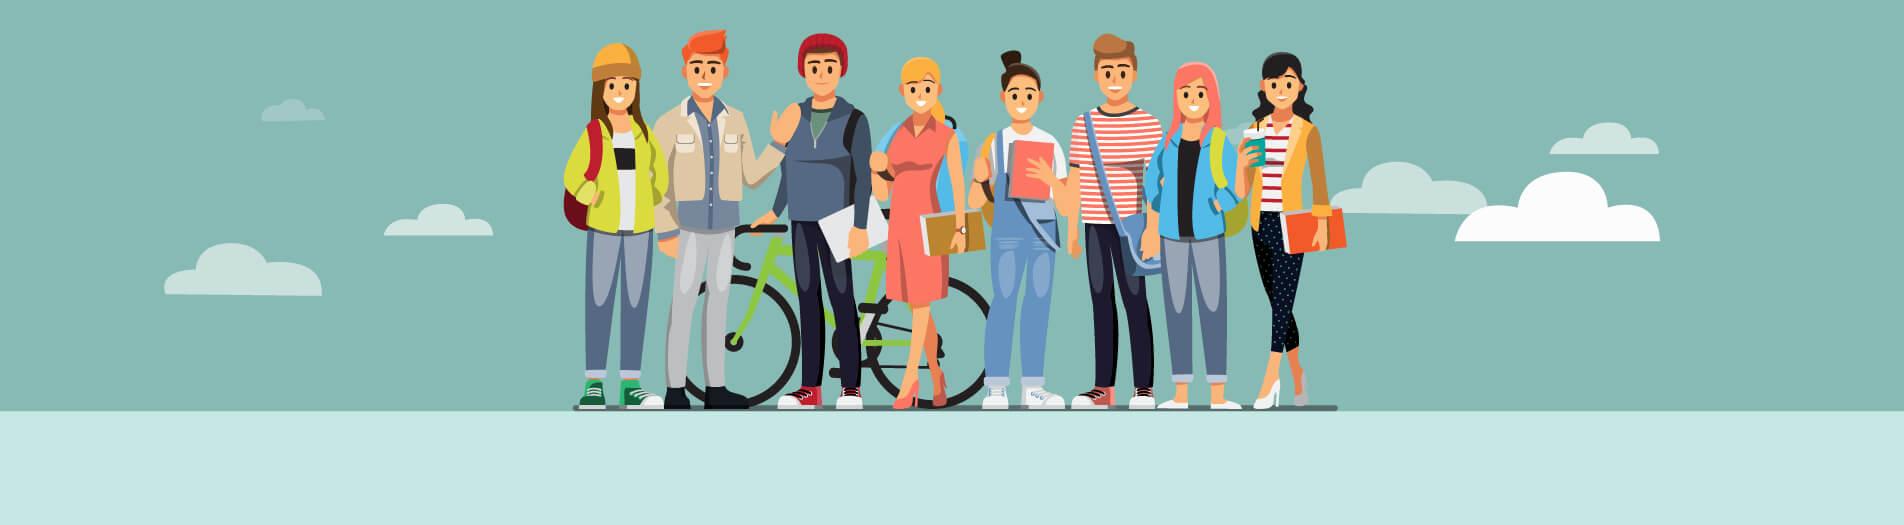 ۶ واقعیت دربارهی نوجوانان